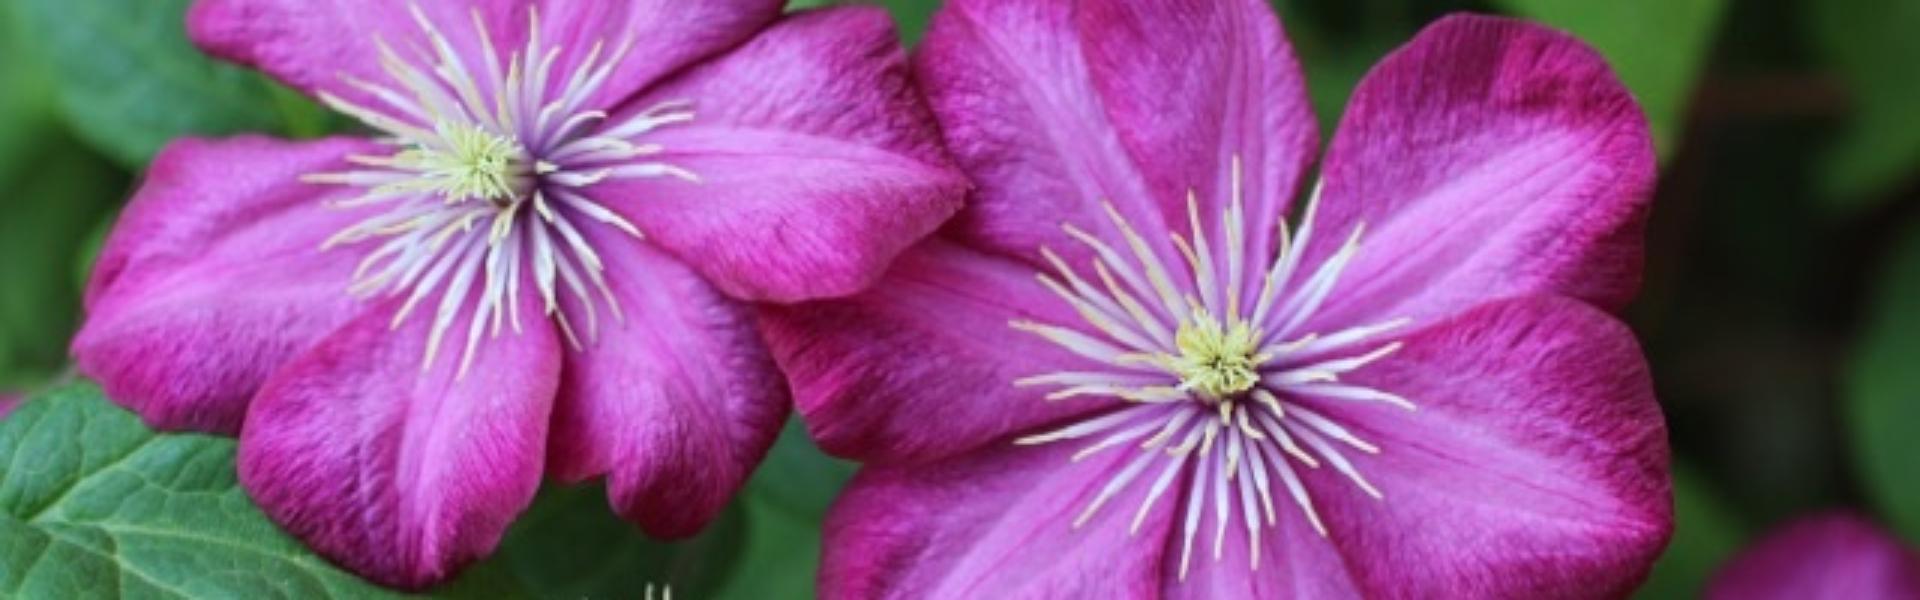 FlowersSlider